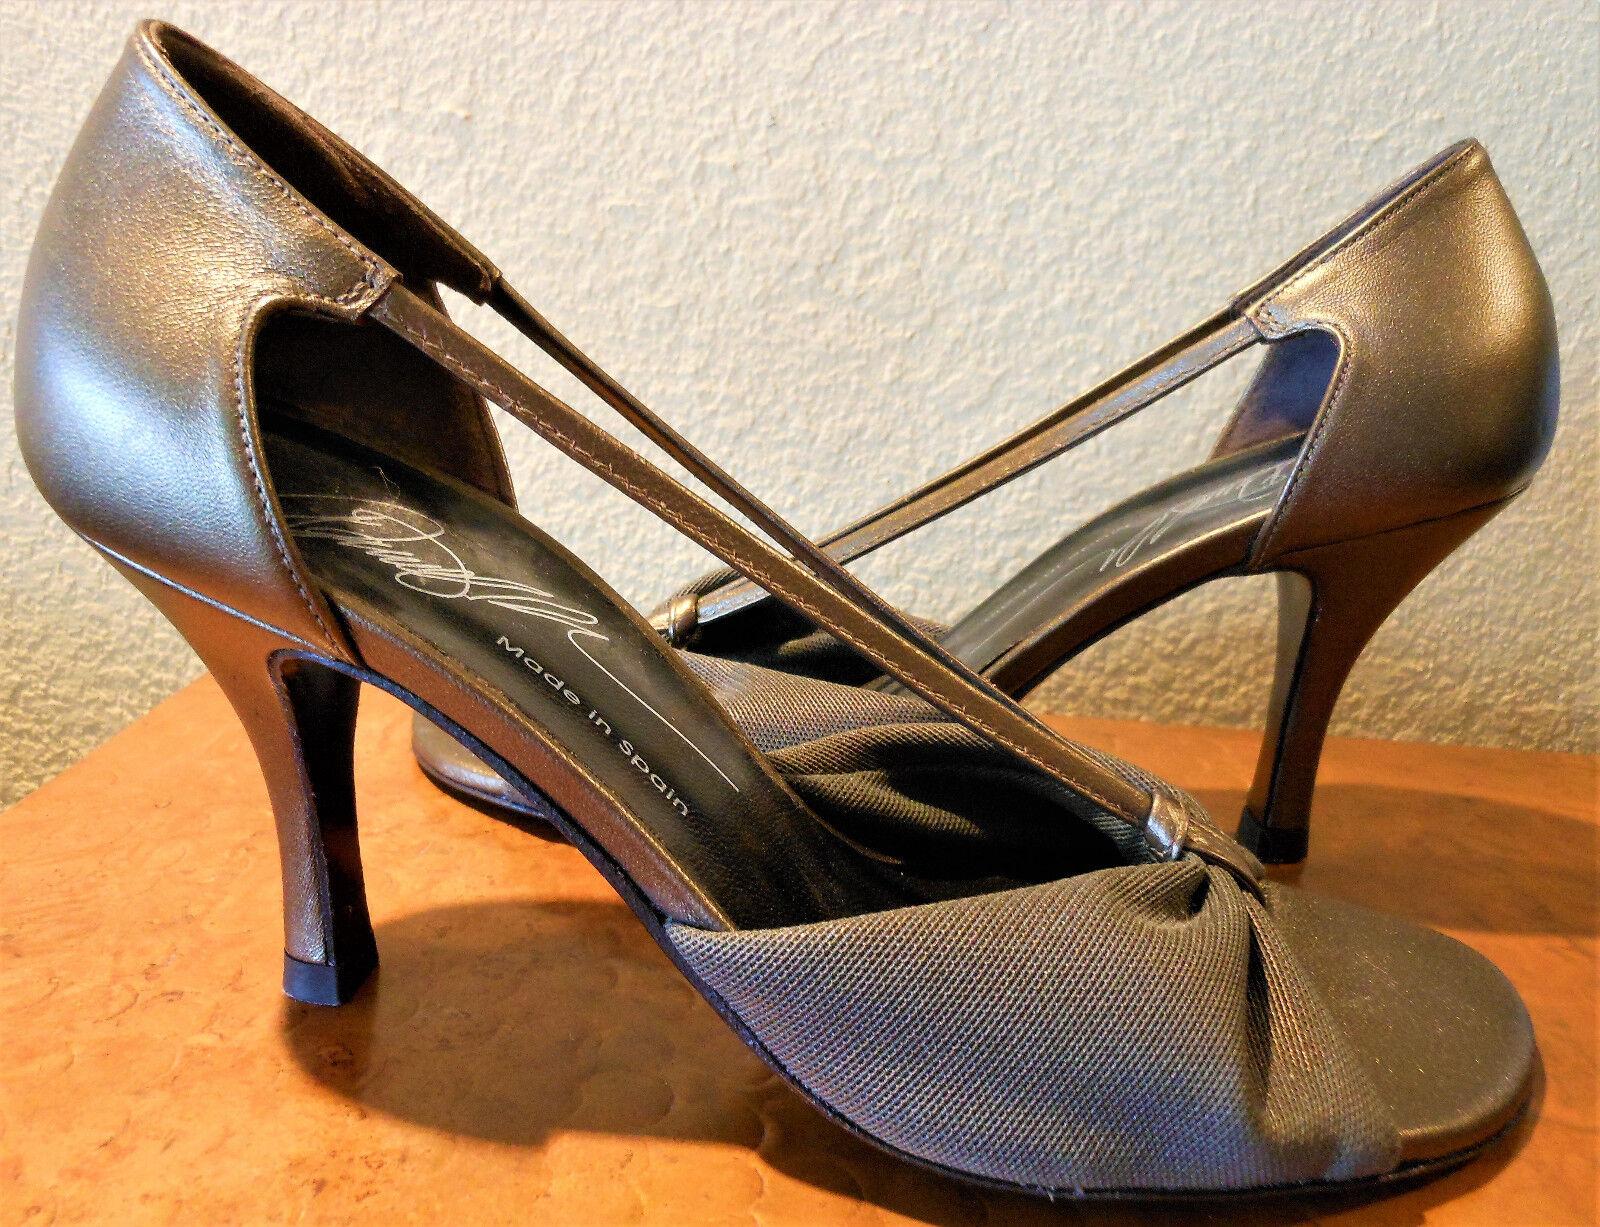 Donald J Pliner Couture Or-Bronze à Brides 3.25  Talon 6 M classique